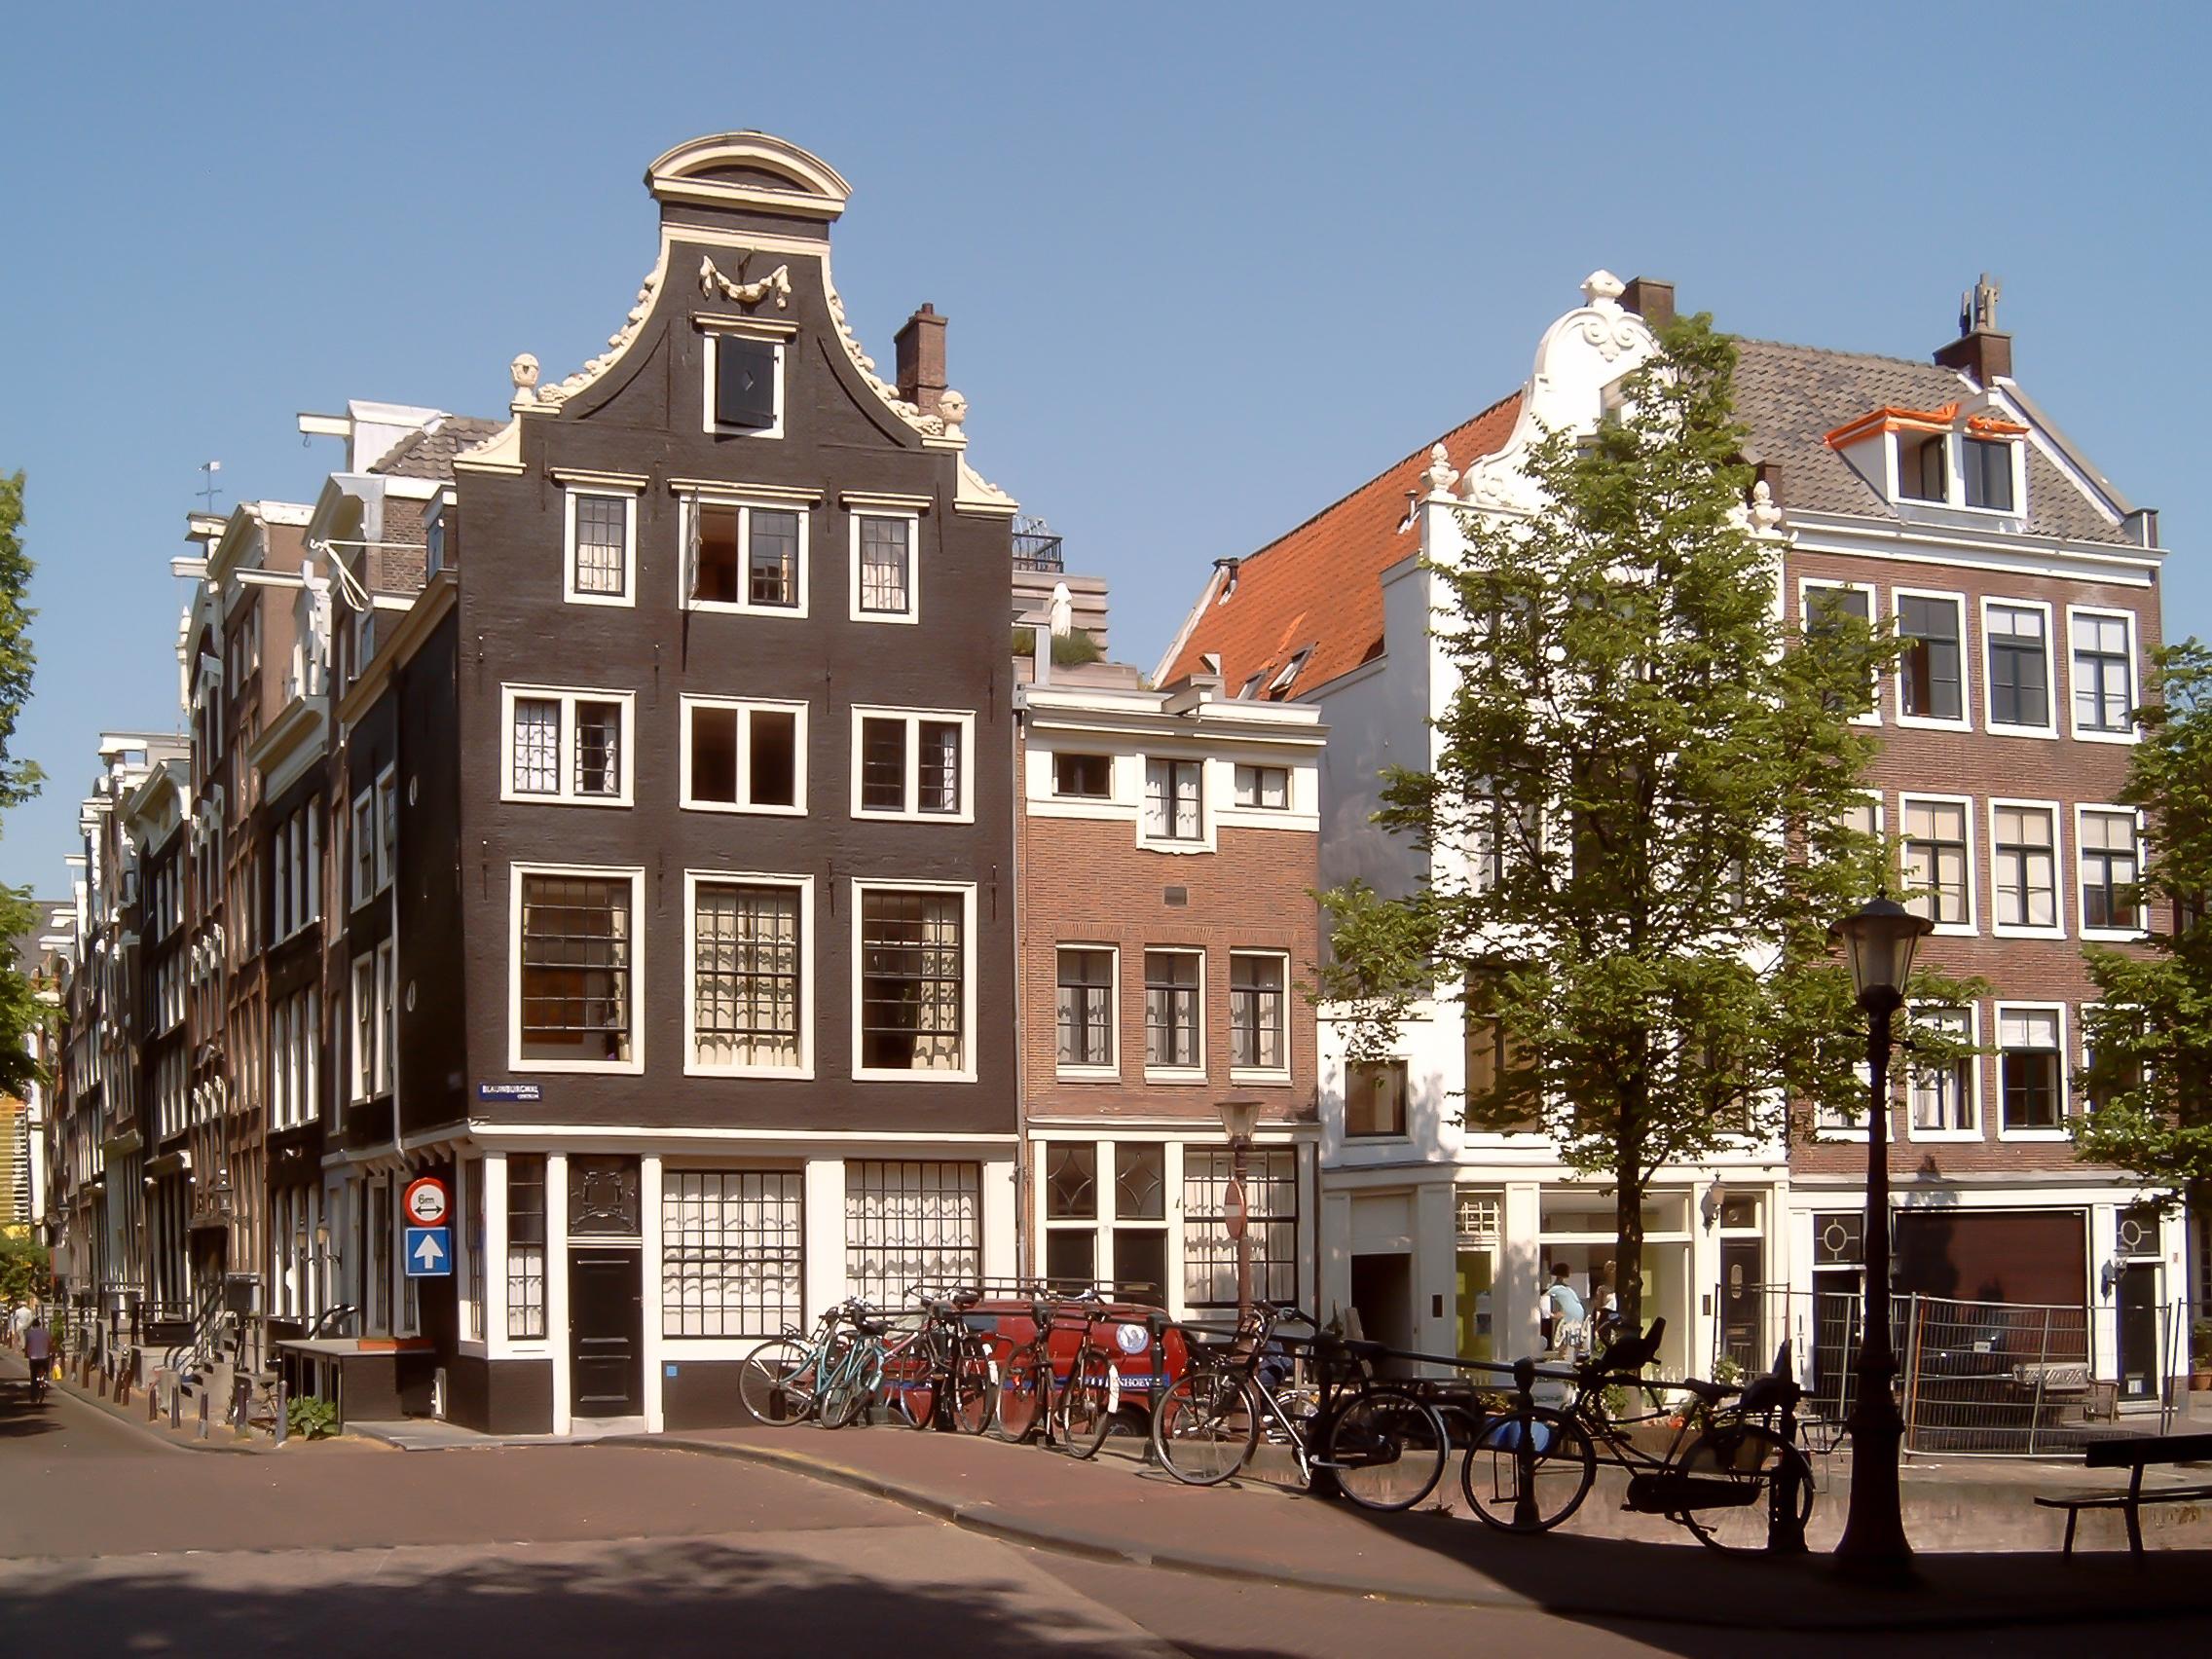 file amsterdam herengracht buitenkant bij brouwersgracht